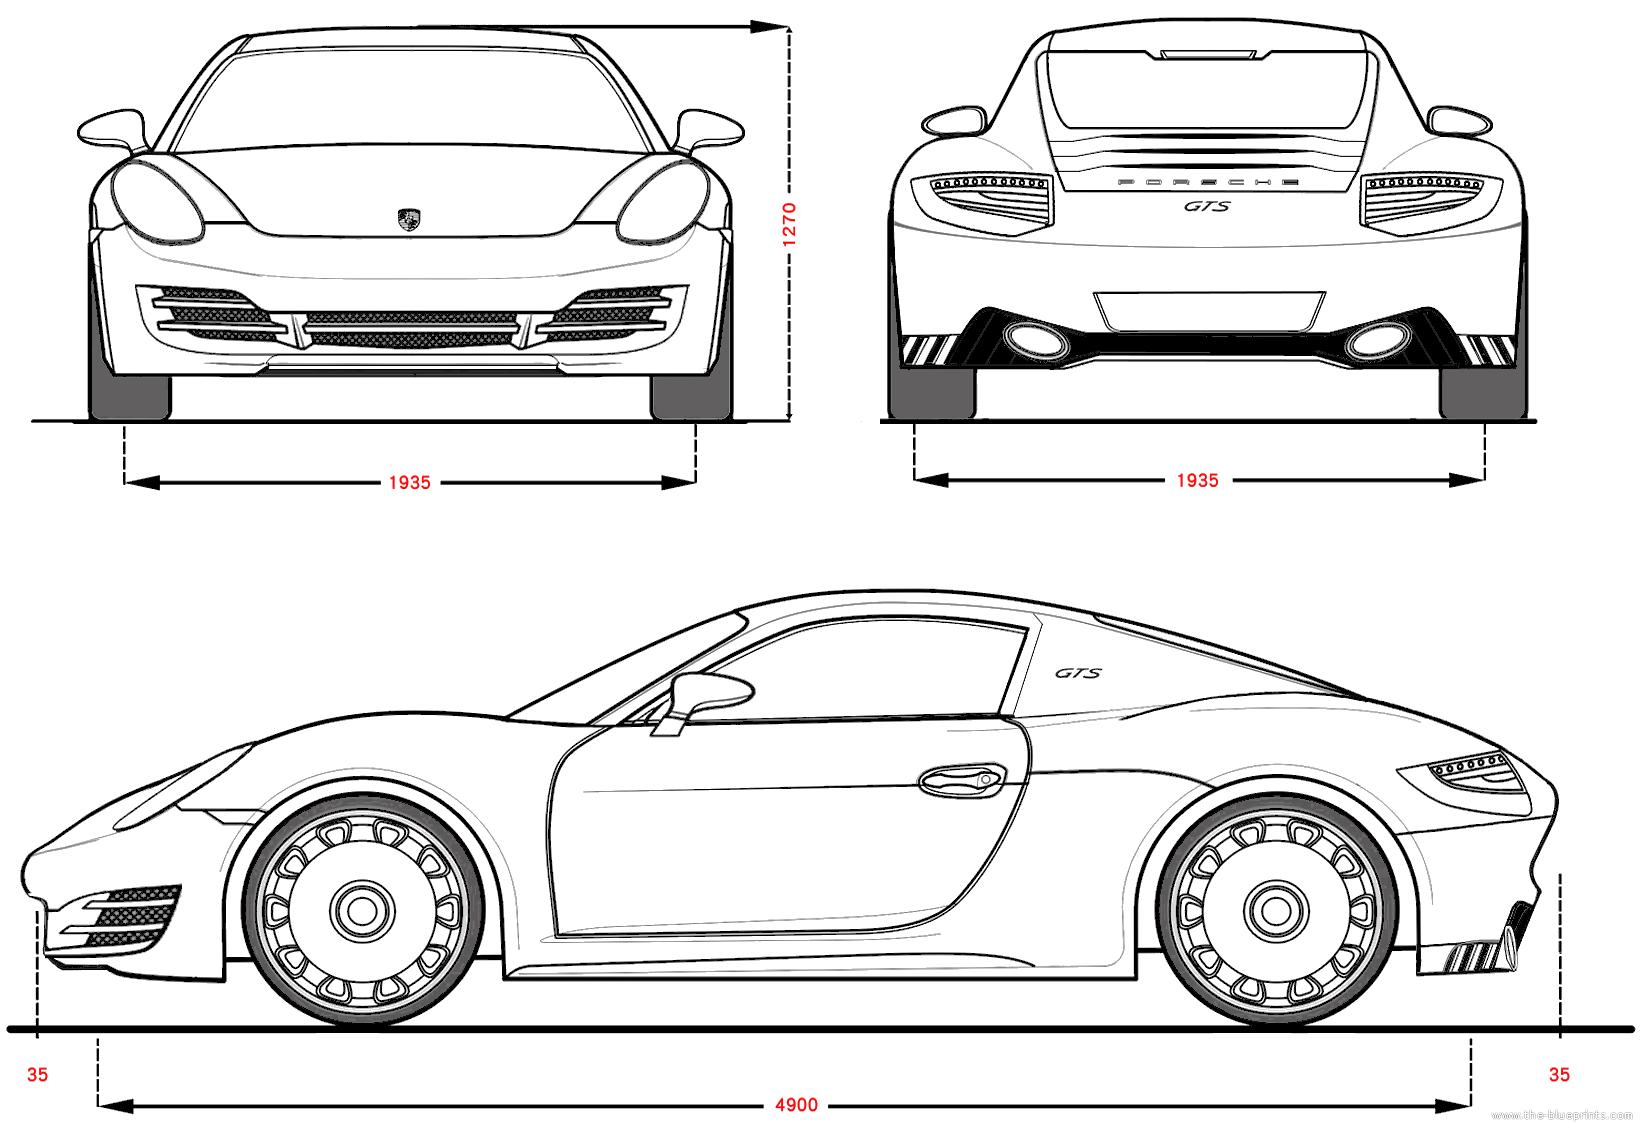 porsche-gts-concept.png (1644×1133) | BLUEPRINTS - CONCEPT CARS ...